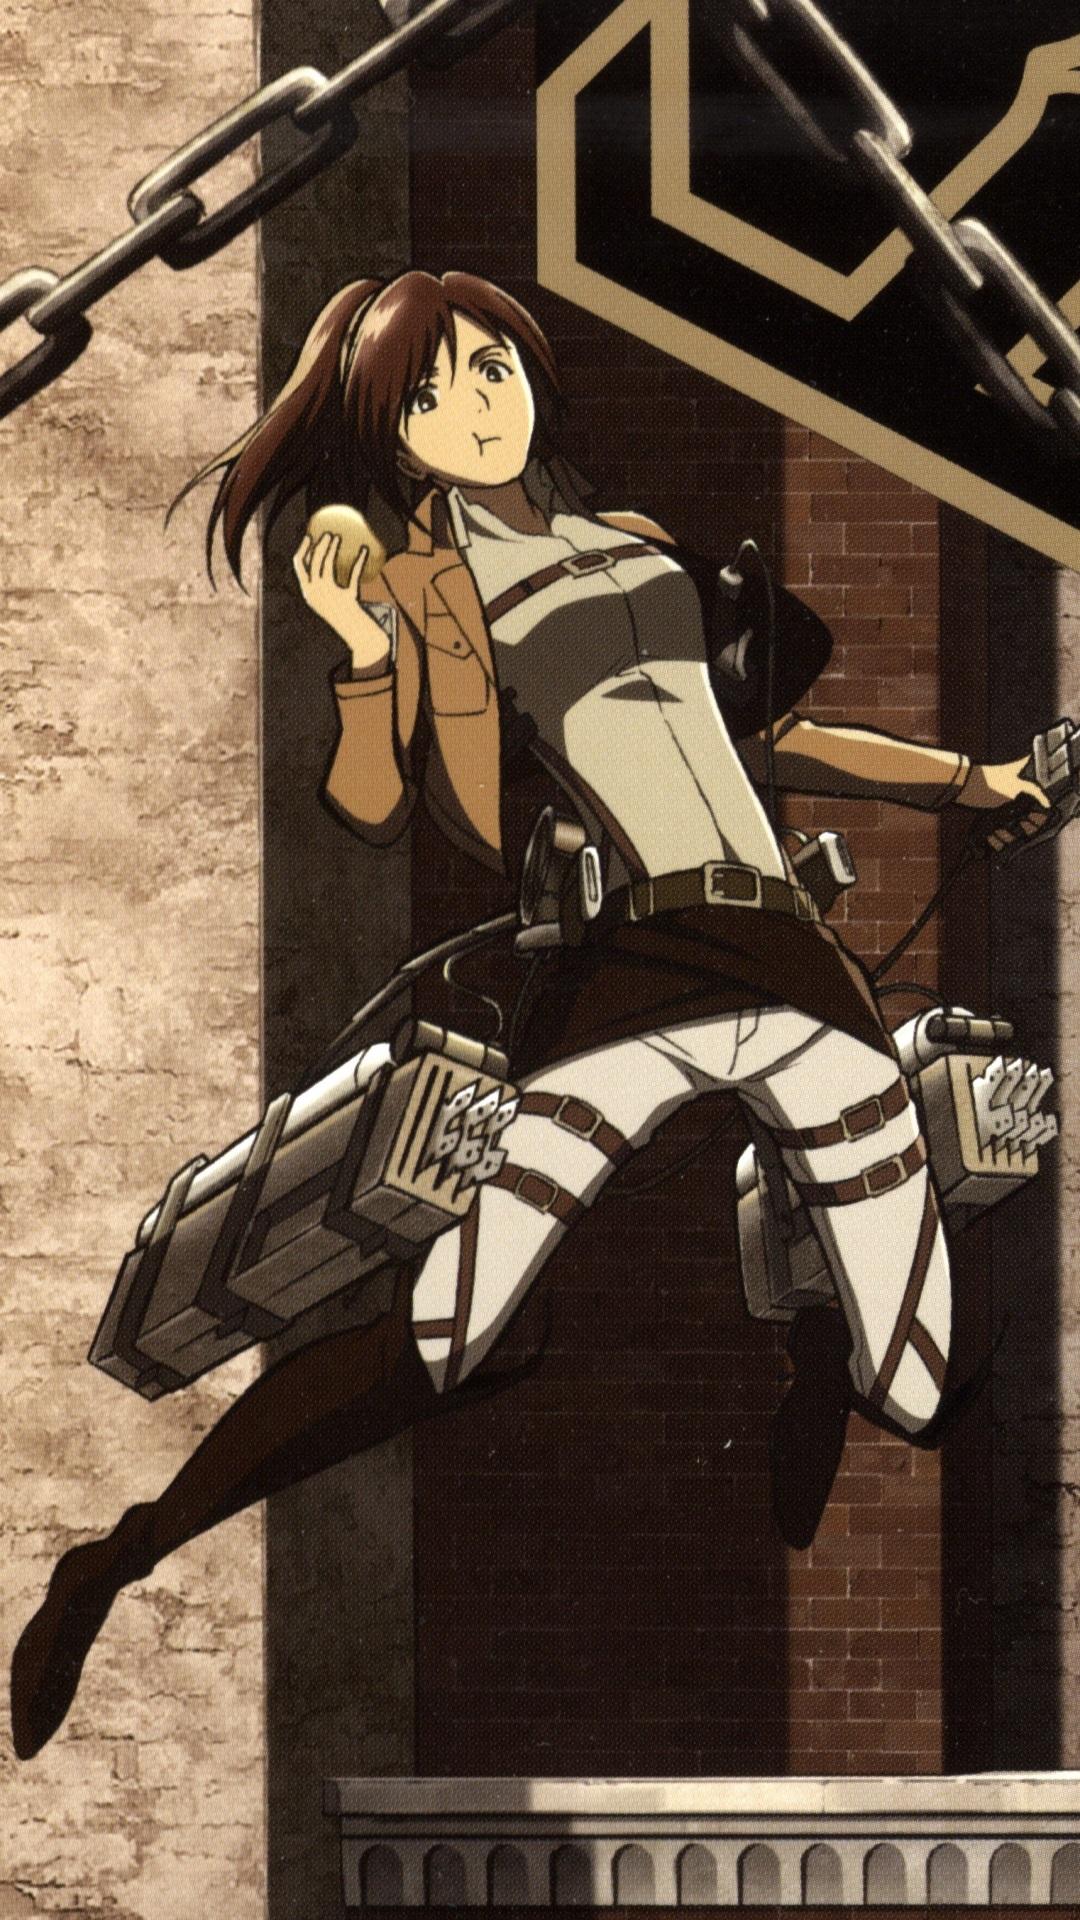 Shingeki No Kyojin Sasha Wallpaper Dowload Anime Wallpaper Hd